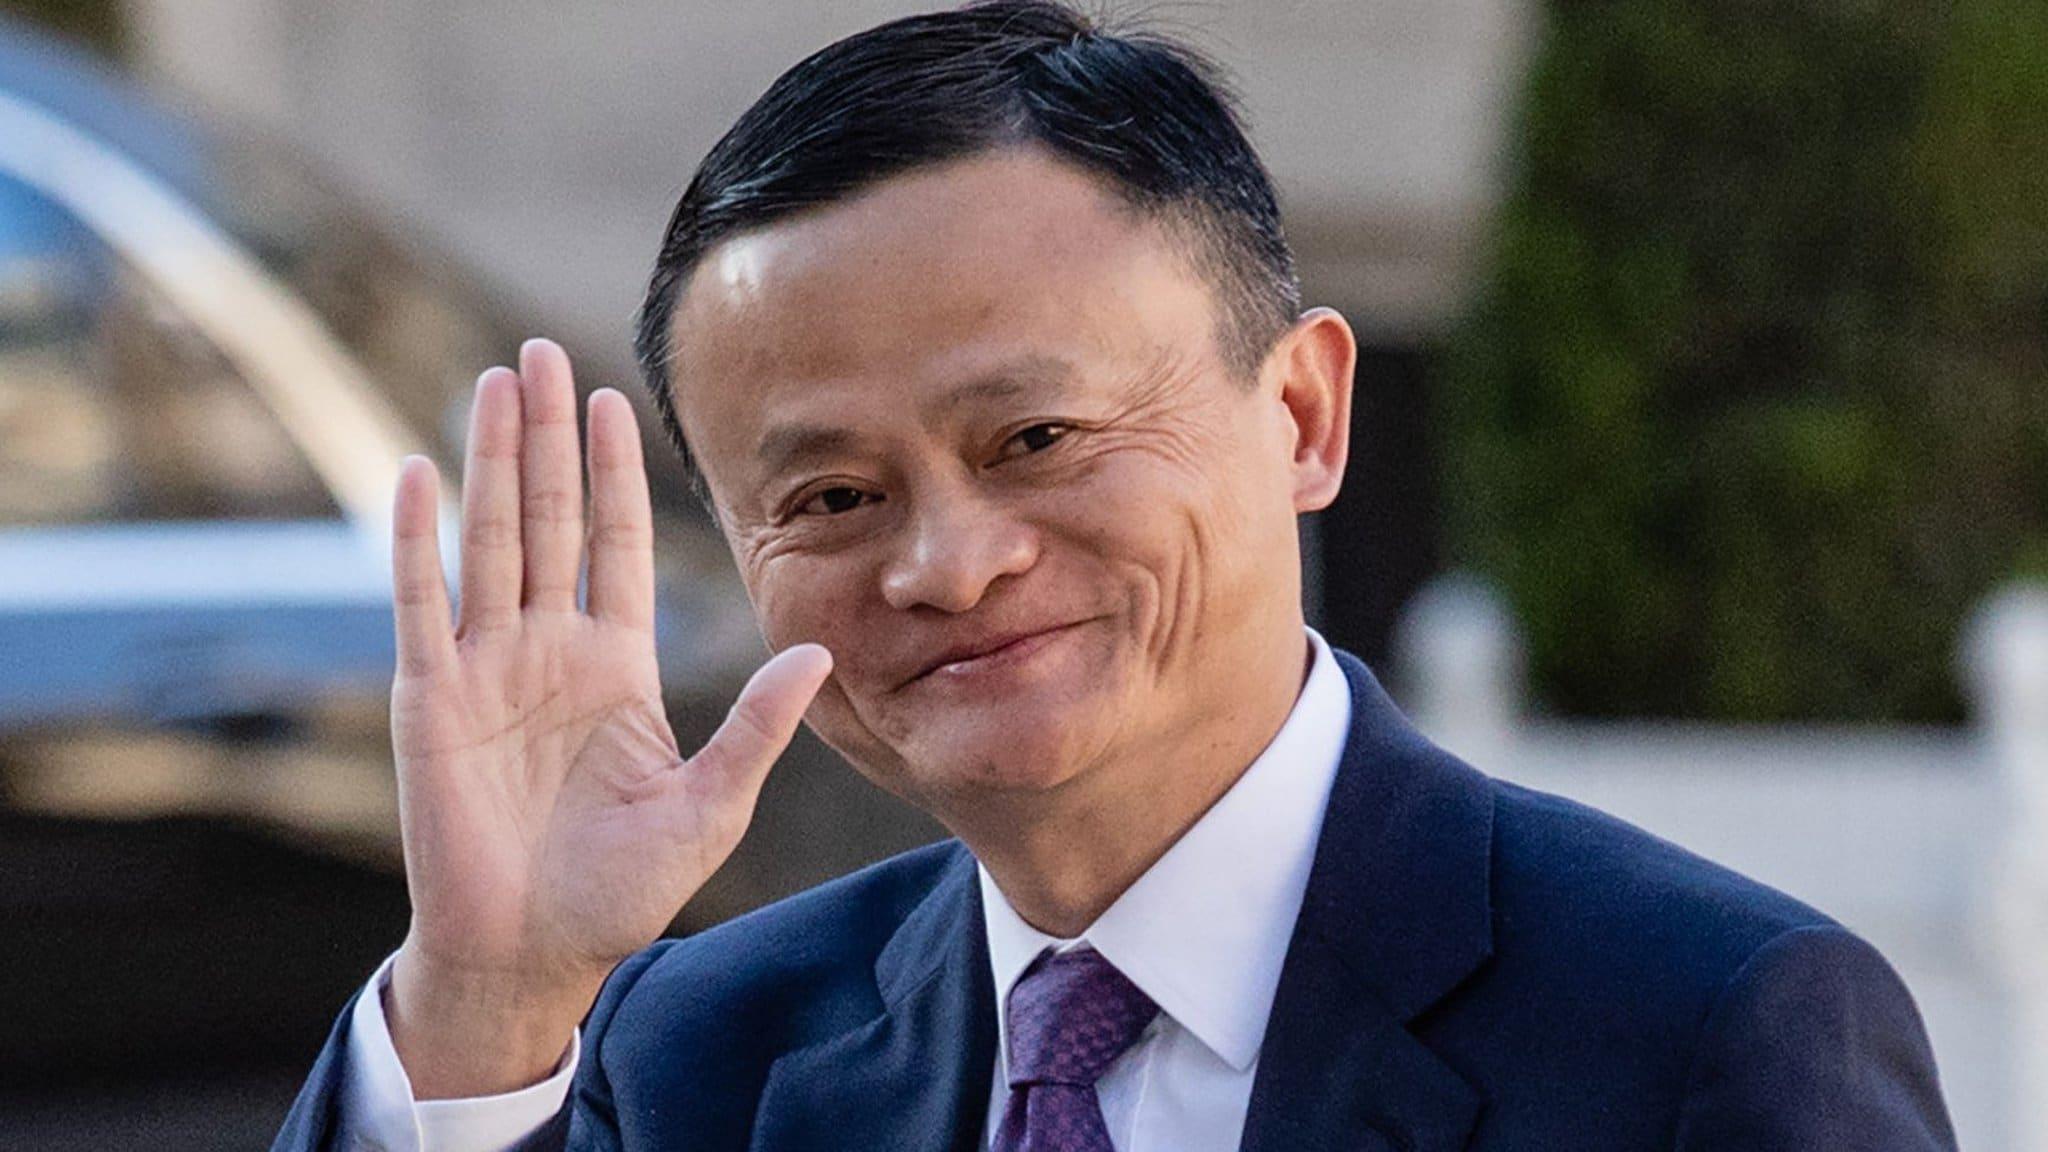 Pour permettre aux pays africains de prévenir efficacement la propagation du coronavirus, Jack Ma fait un don important de kits de test, de combinaisons et de masques au Togo. L'annonce a été faite lors d'une rencontre entre le philanthrope chinois et le Premier ministre éthiopien Abbiy Ahmed.